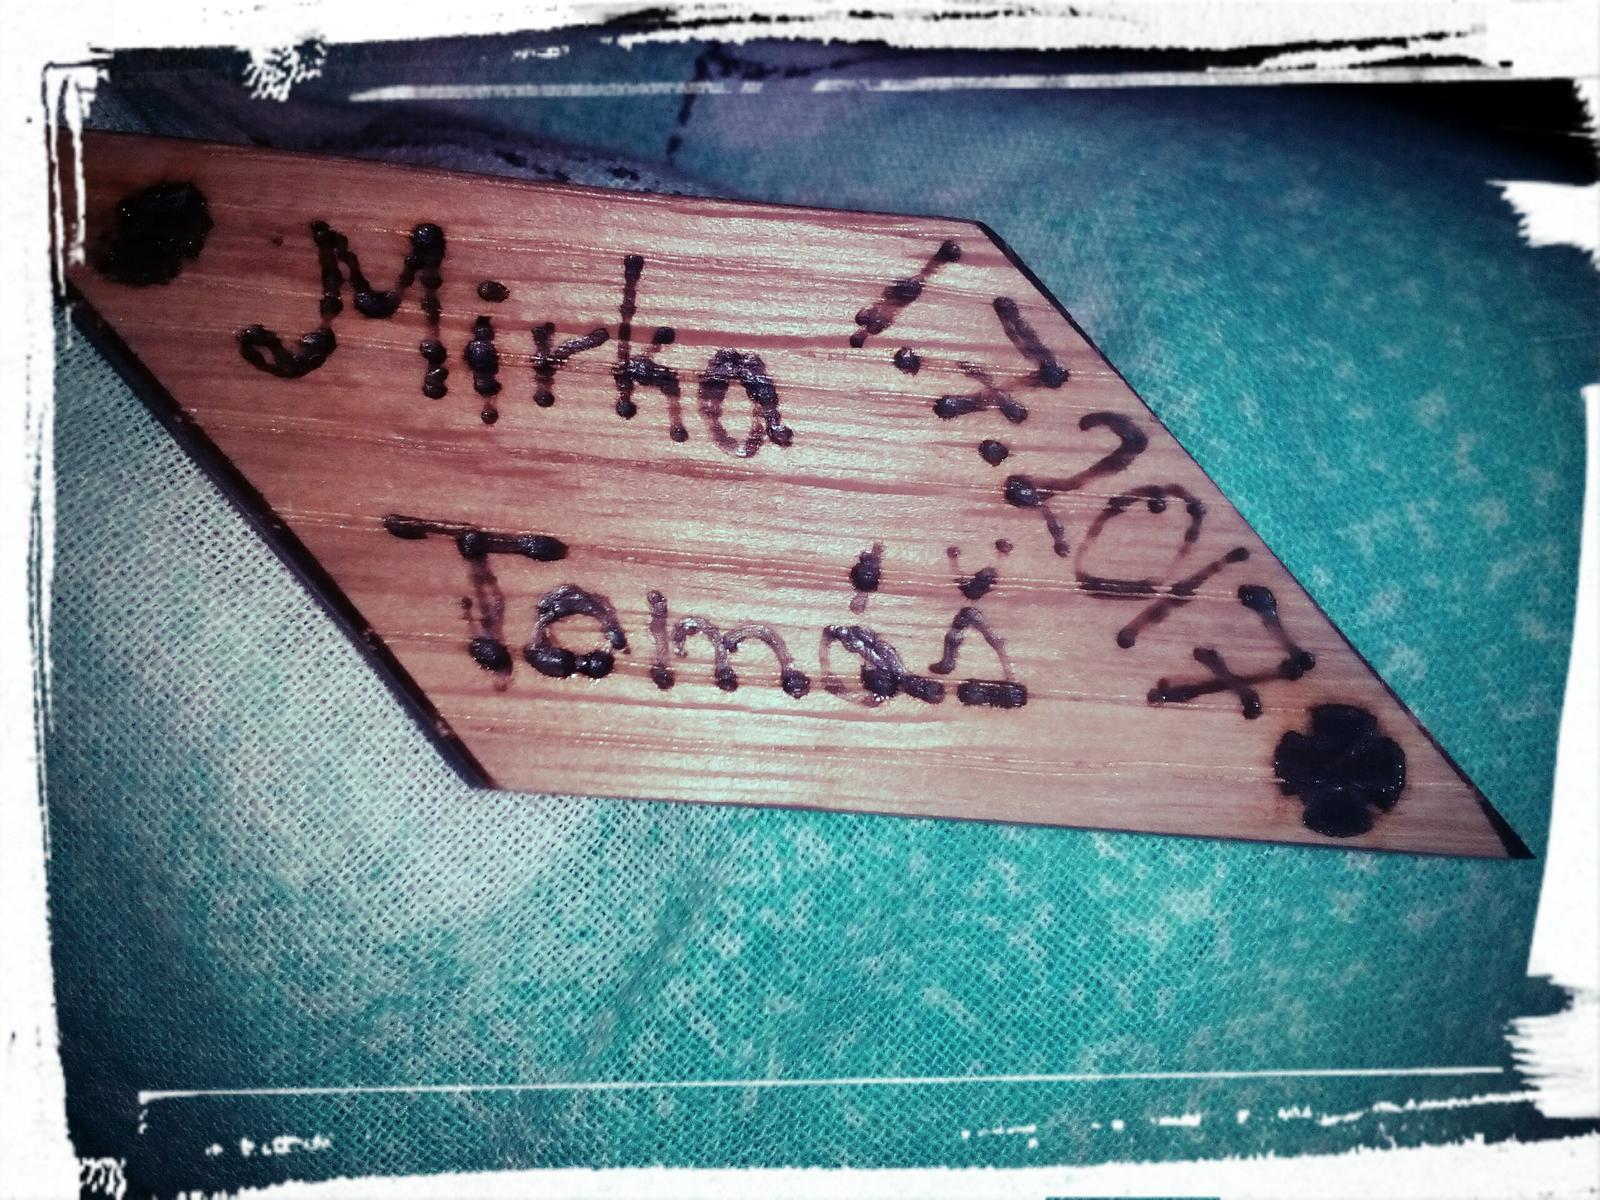 náš handmade darček pre hostí :) každý vyzerá ináč :) každý je originál :) - Obrázok č. 1